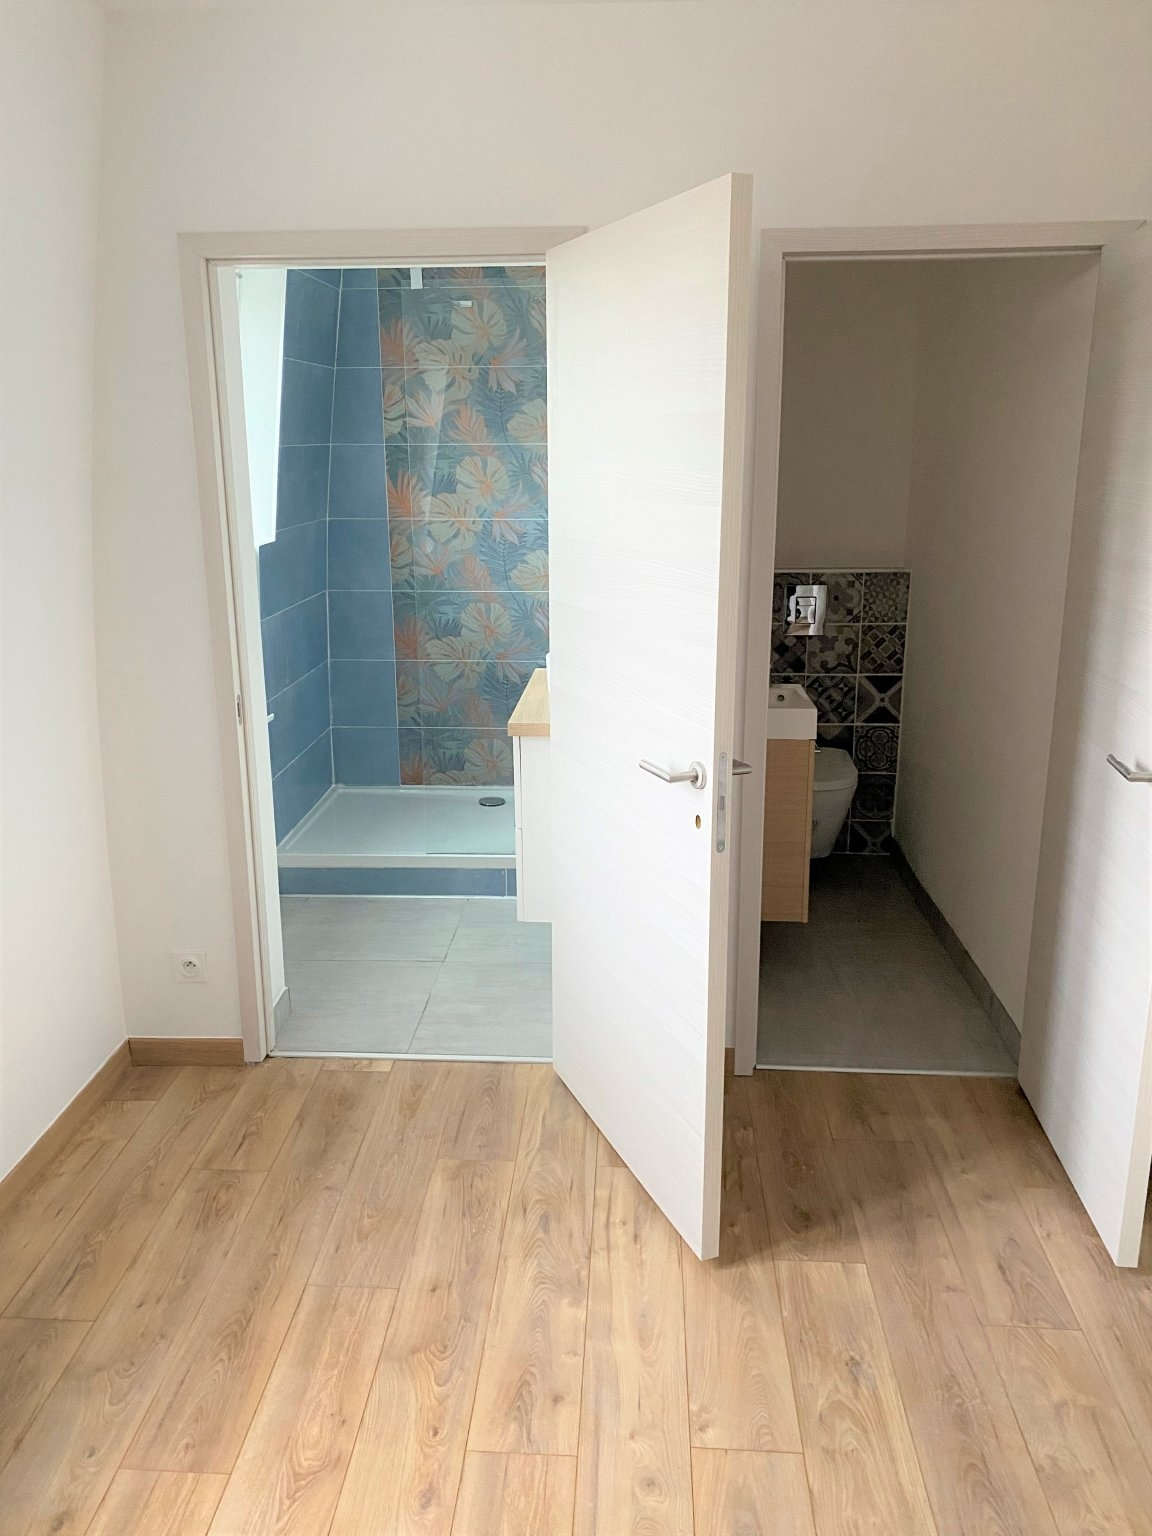 Appartement Reims 2 Pièces 50 m2 - 3